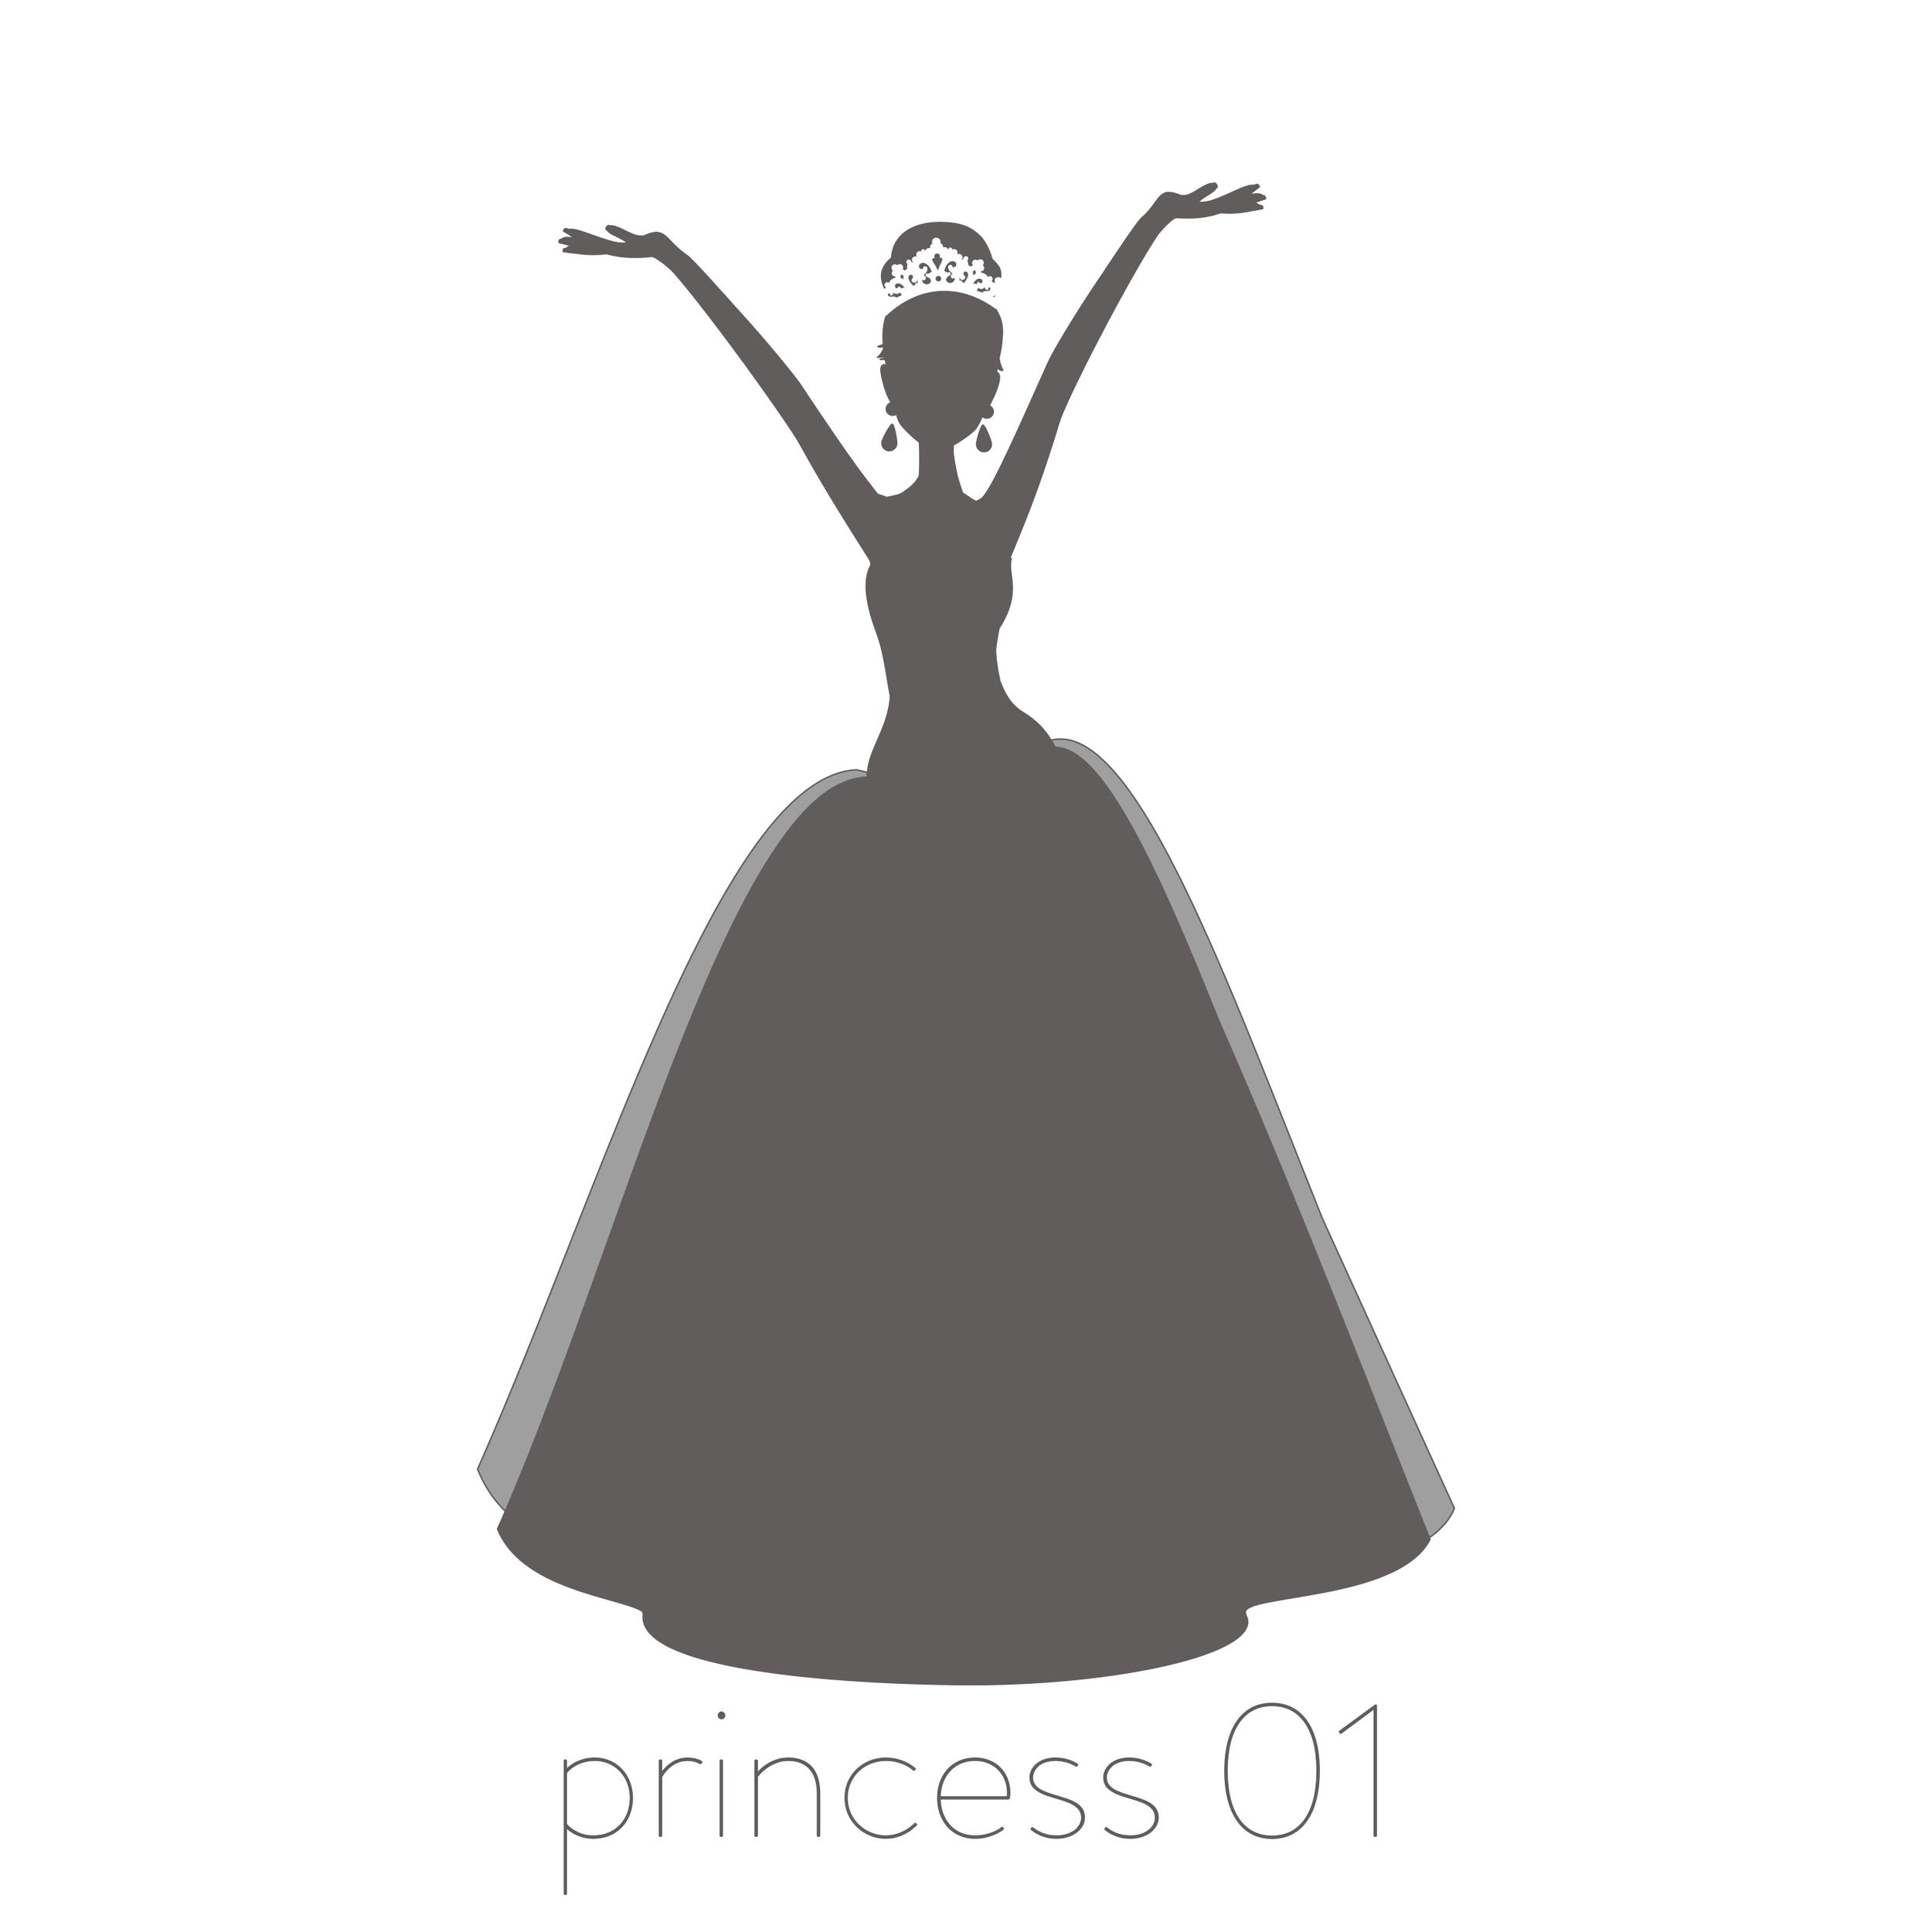 princess 01.png